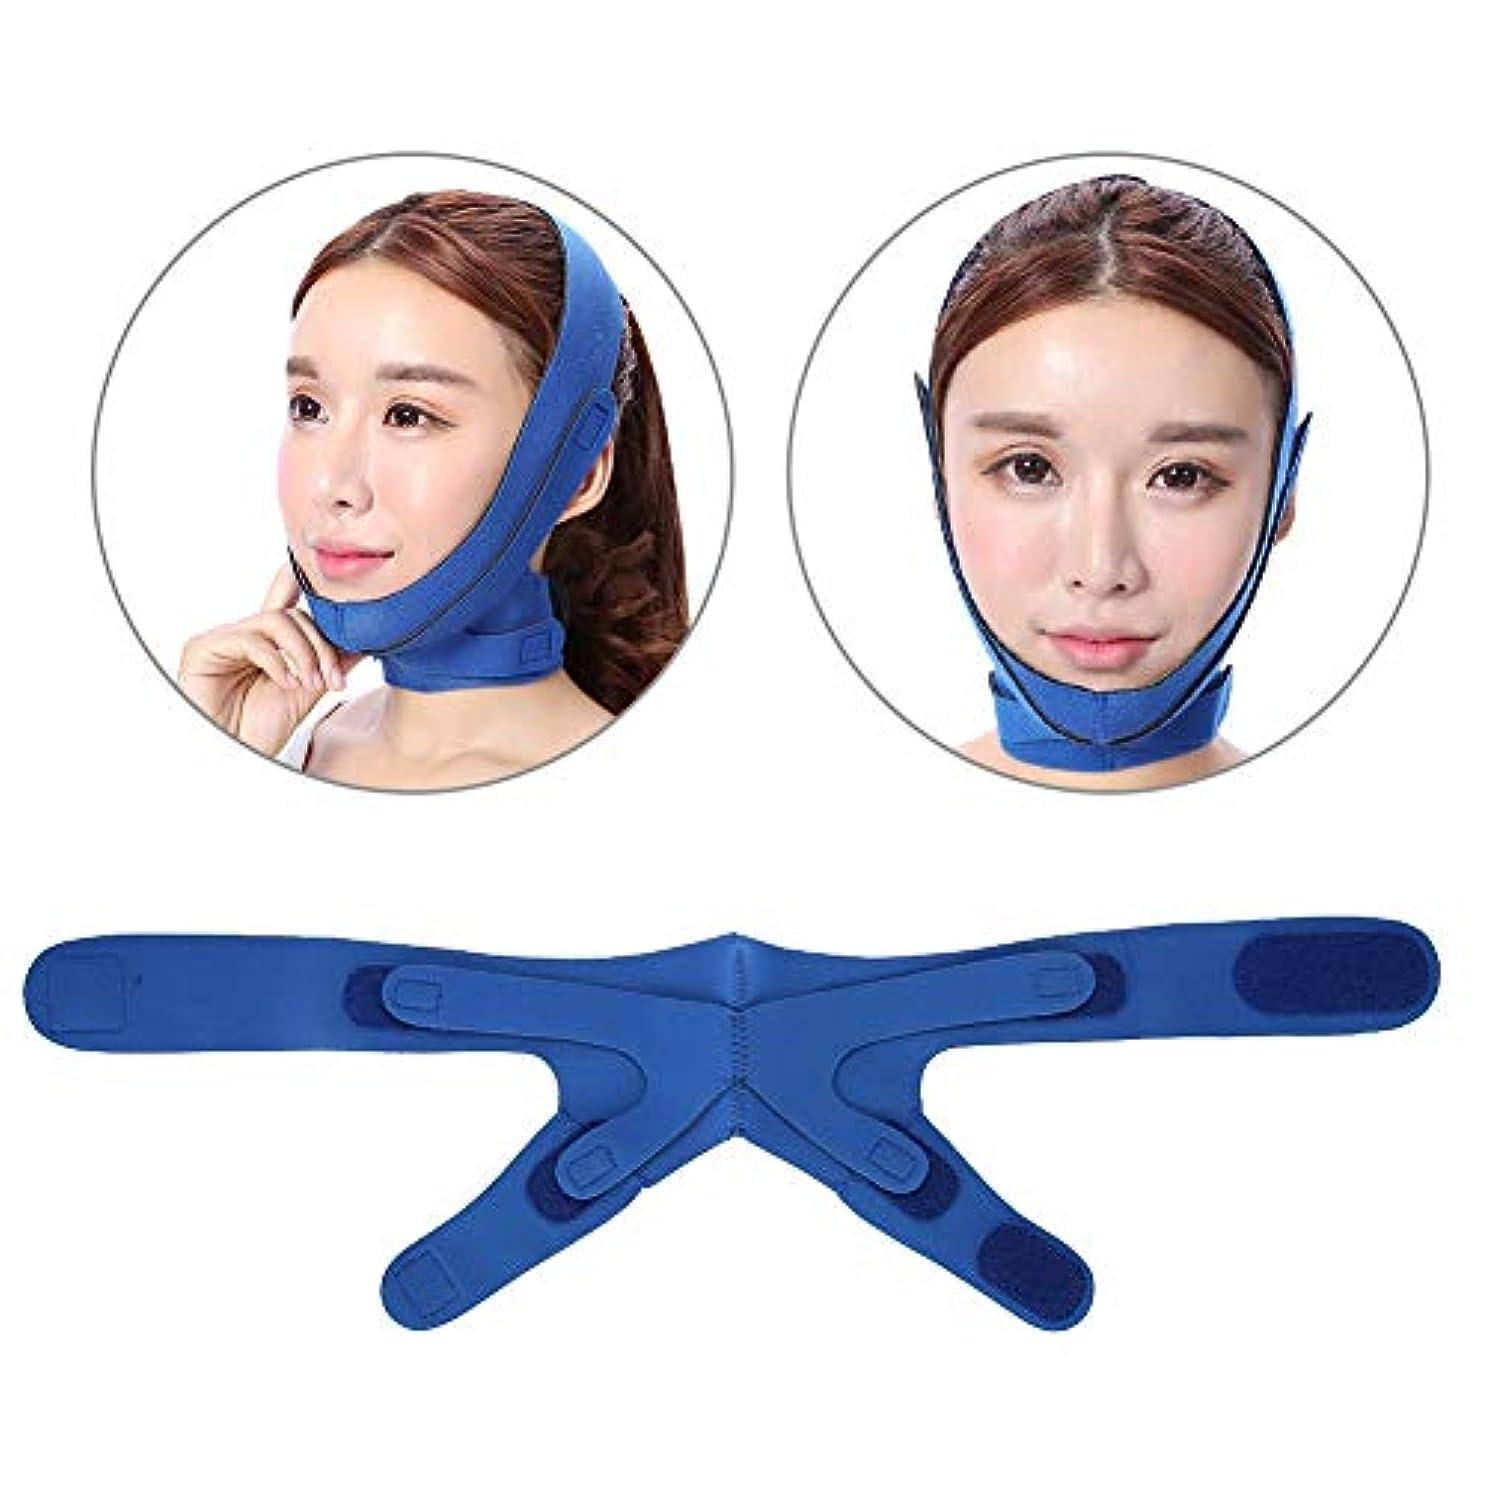 学校の先生知覚あいまいVラインバンド首の圧縮の表面、反二重あごの 引き締まった肌の革紐の調節可能な引き締めの表面スキンケアの持ち上がる覆いのための持ち上がる表面ベルトの顔の細くのあごのマスク